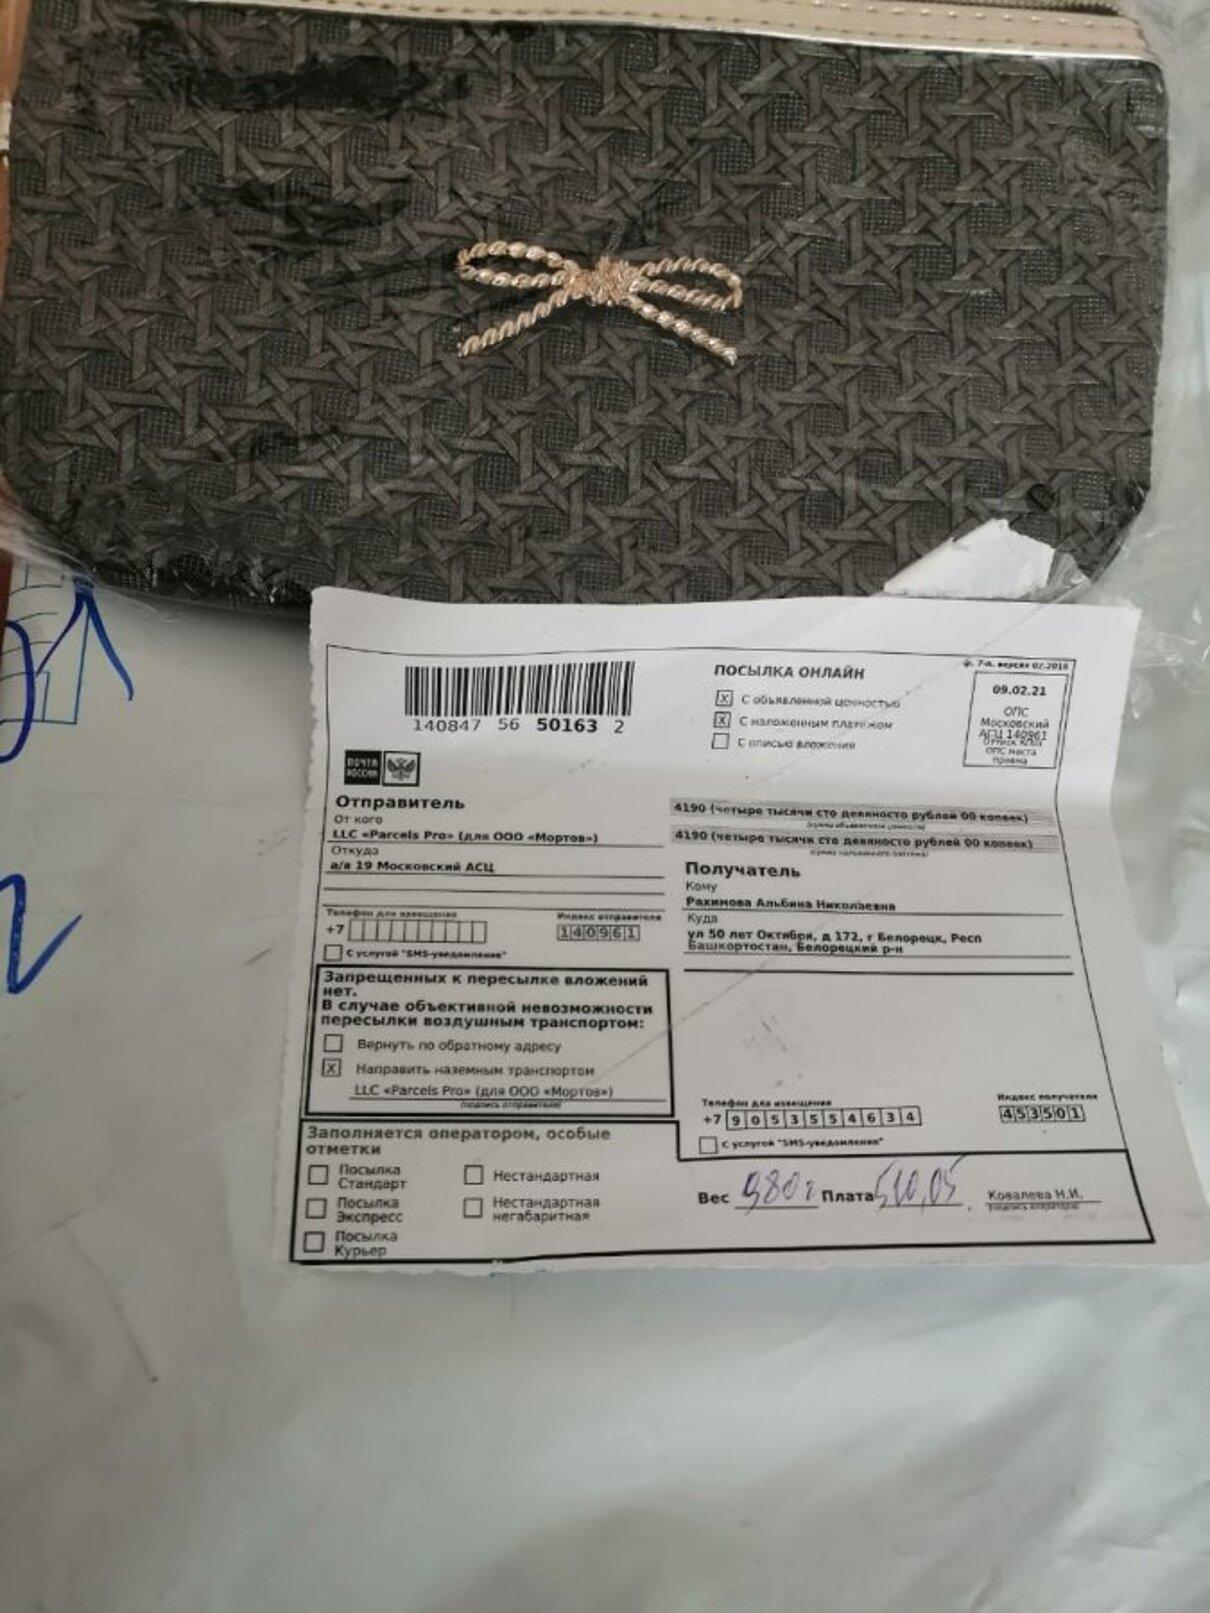 Жалоба-отзыв: LLC «Parcels Pro» (для ООО «Мортов») - Пришел не тот заказ что было заказано